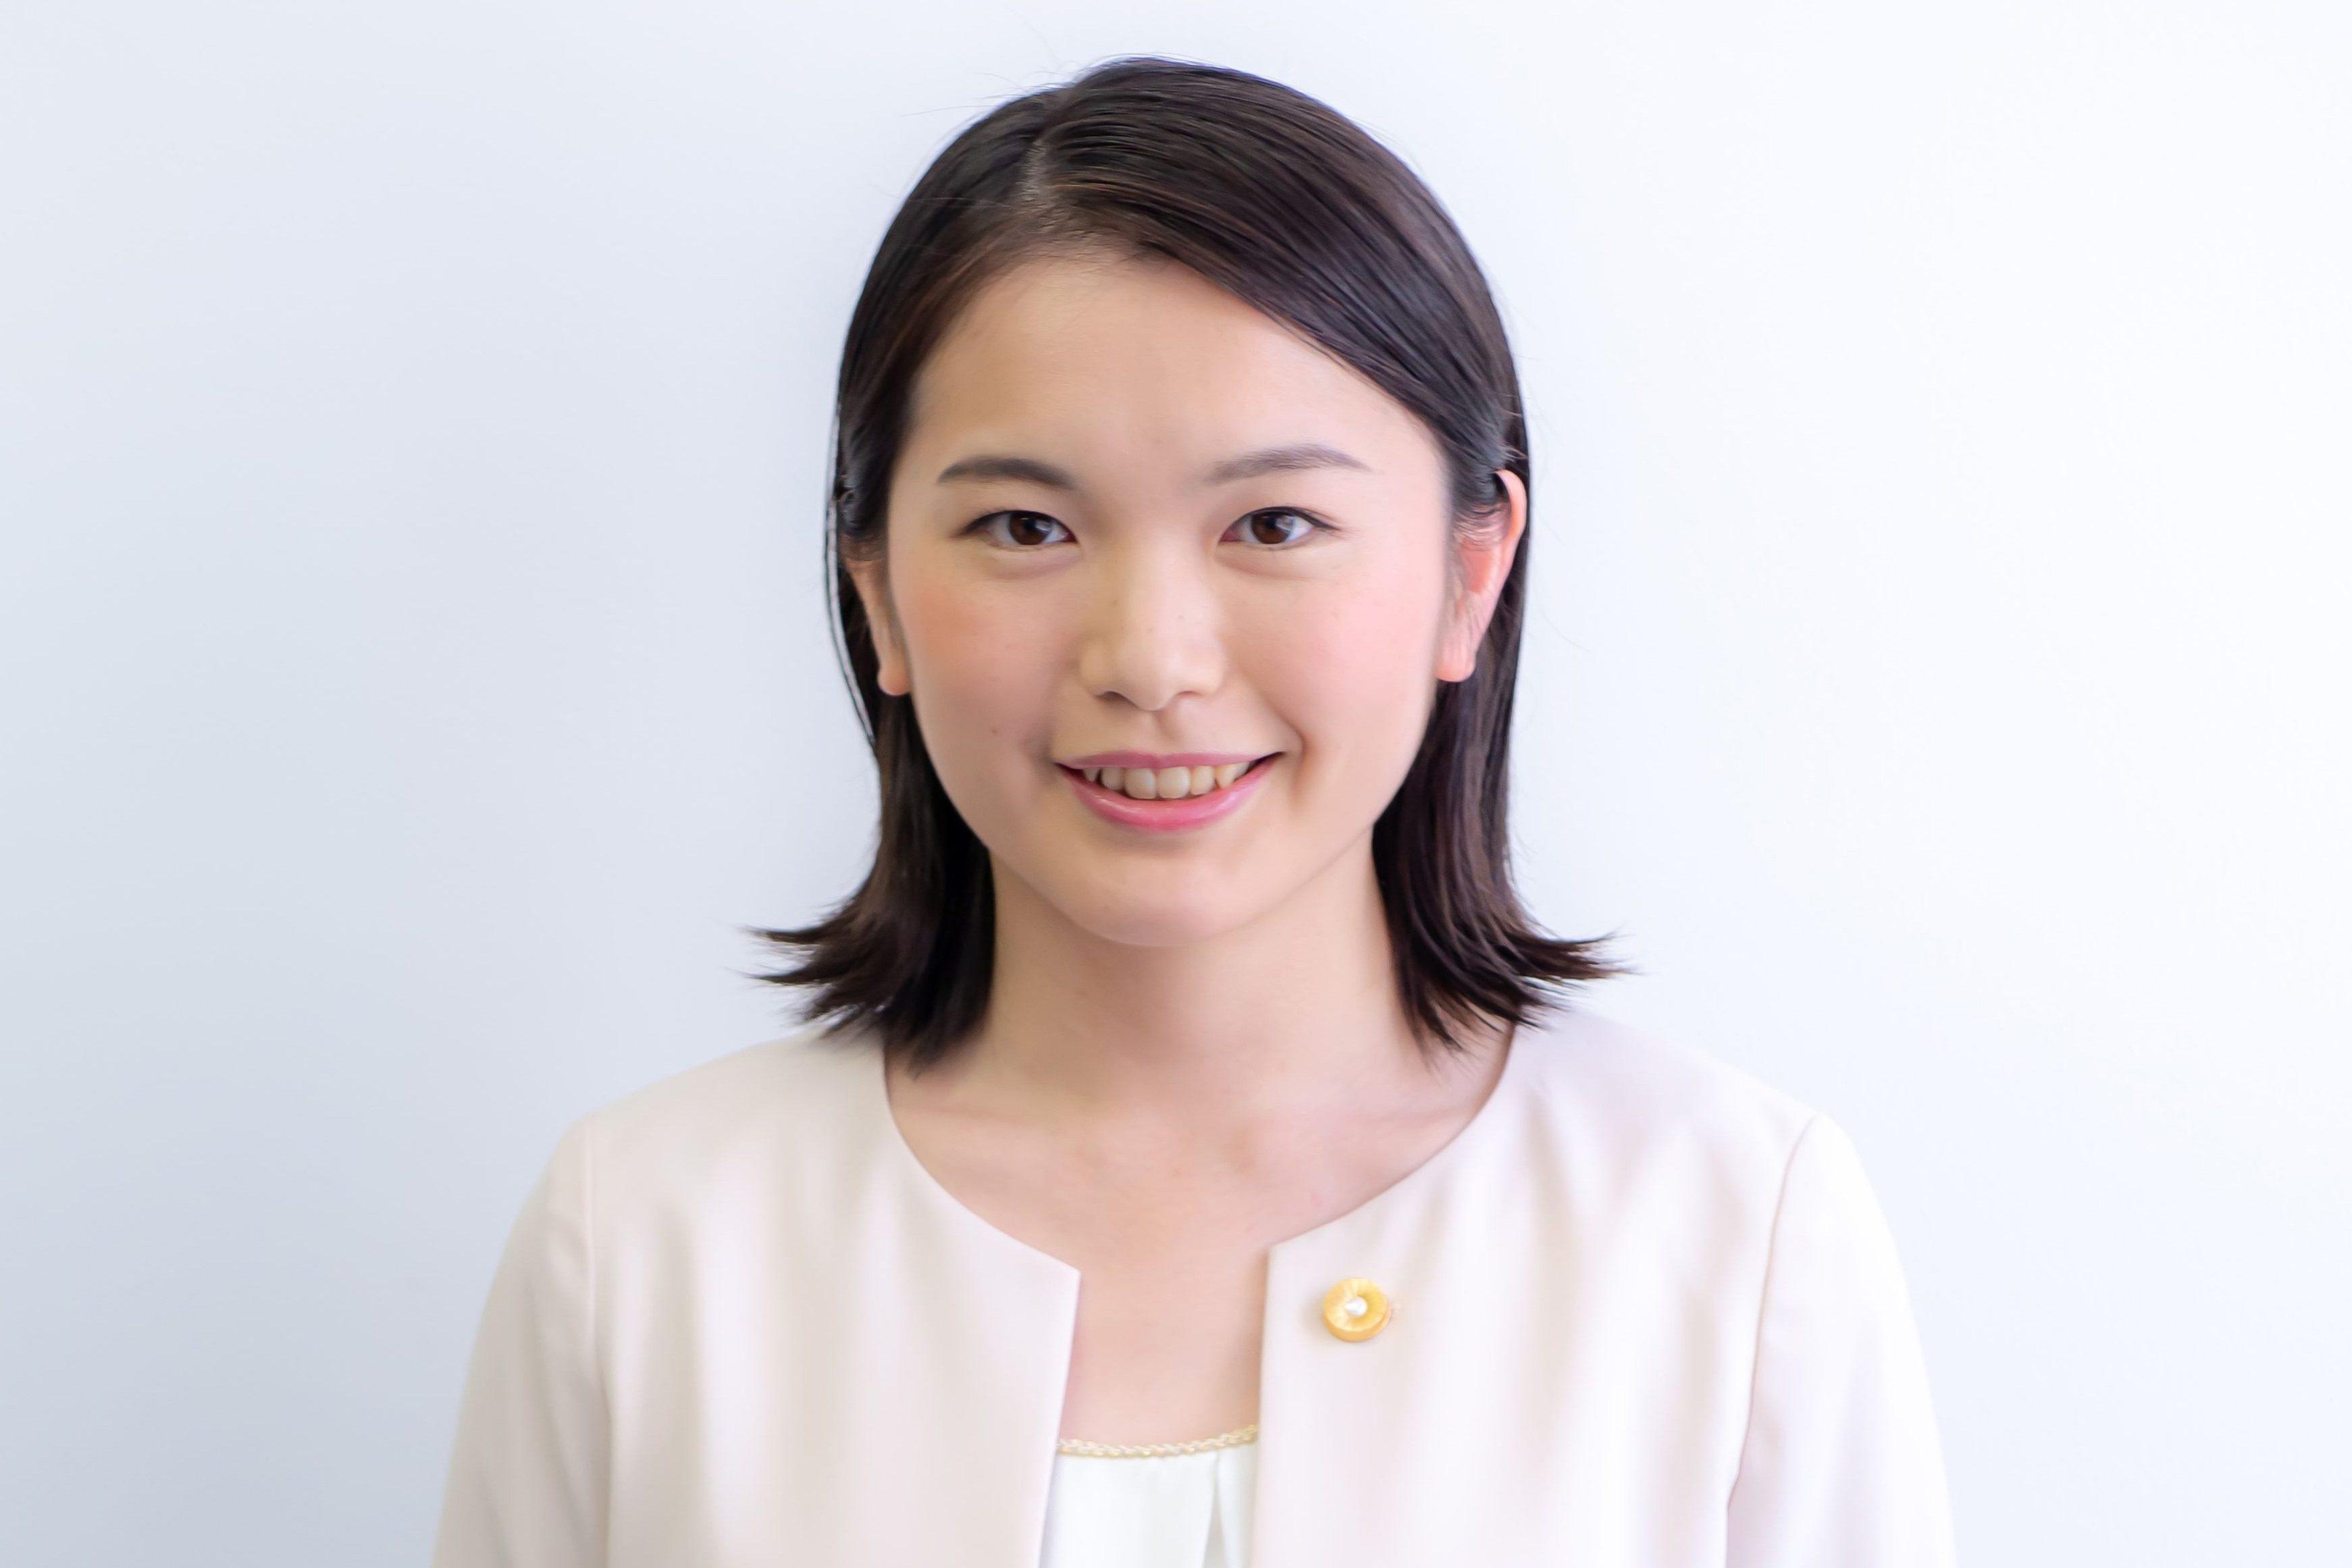 レイ法律事務所・阪口采香弁護士